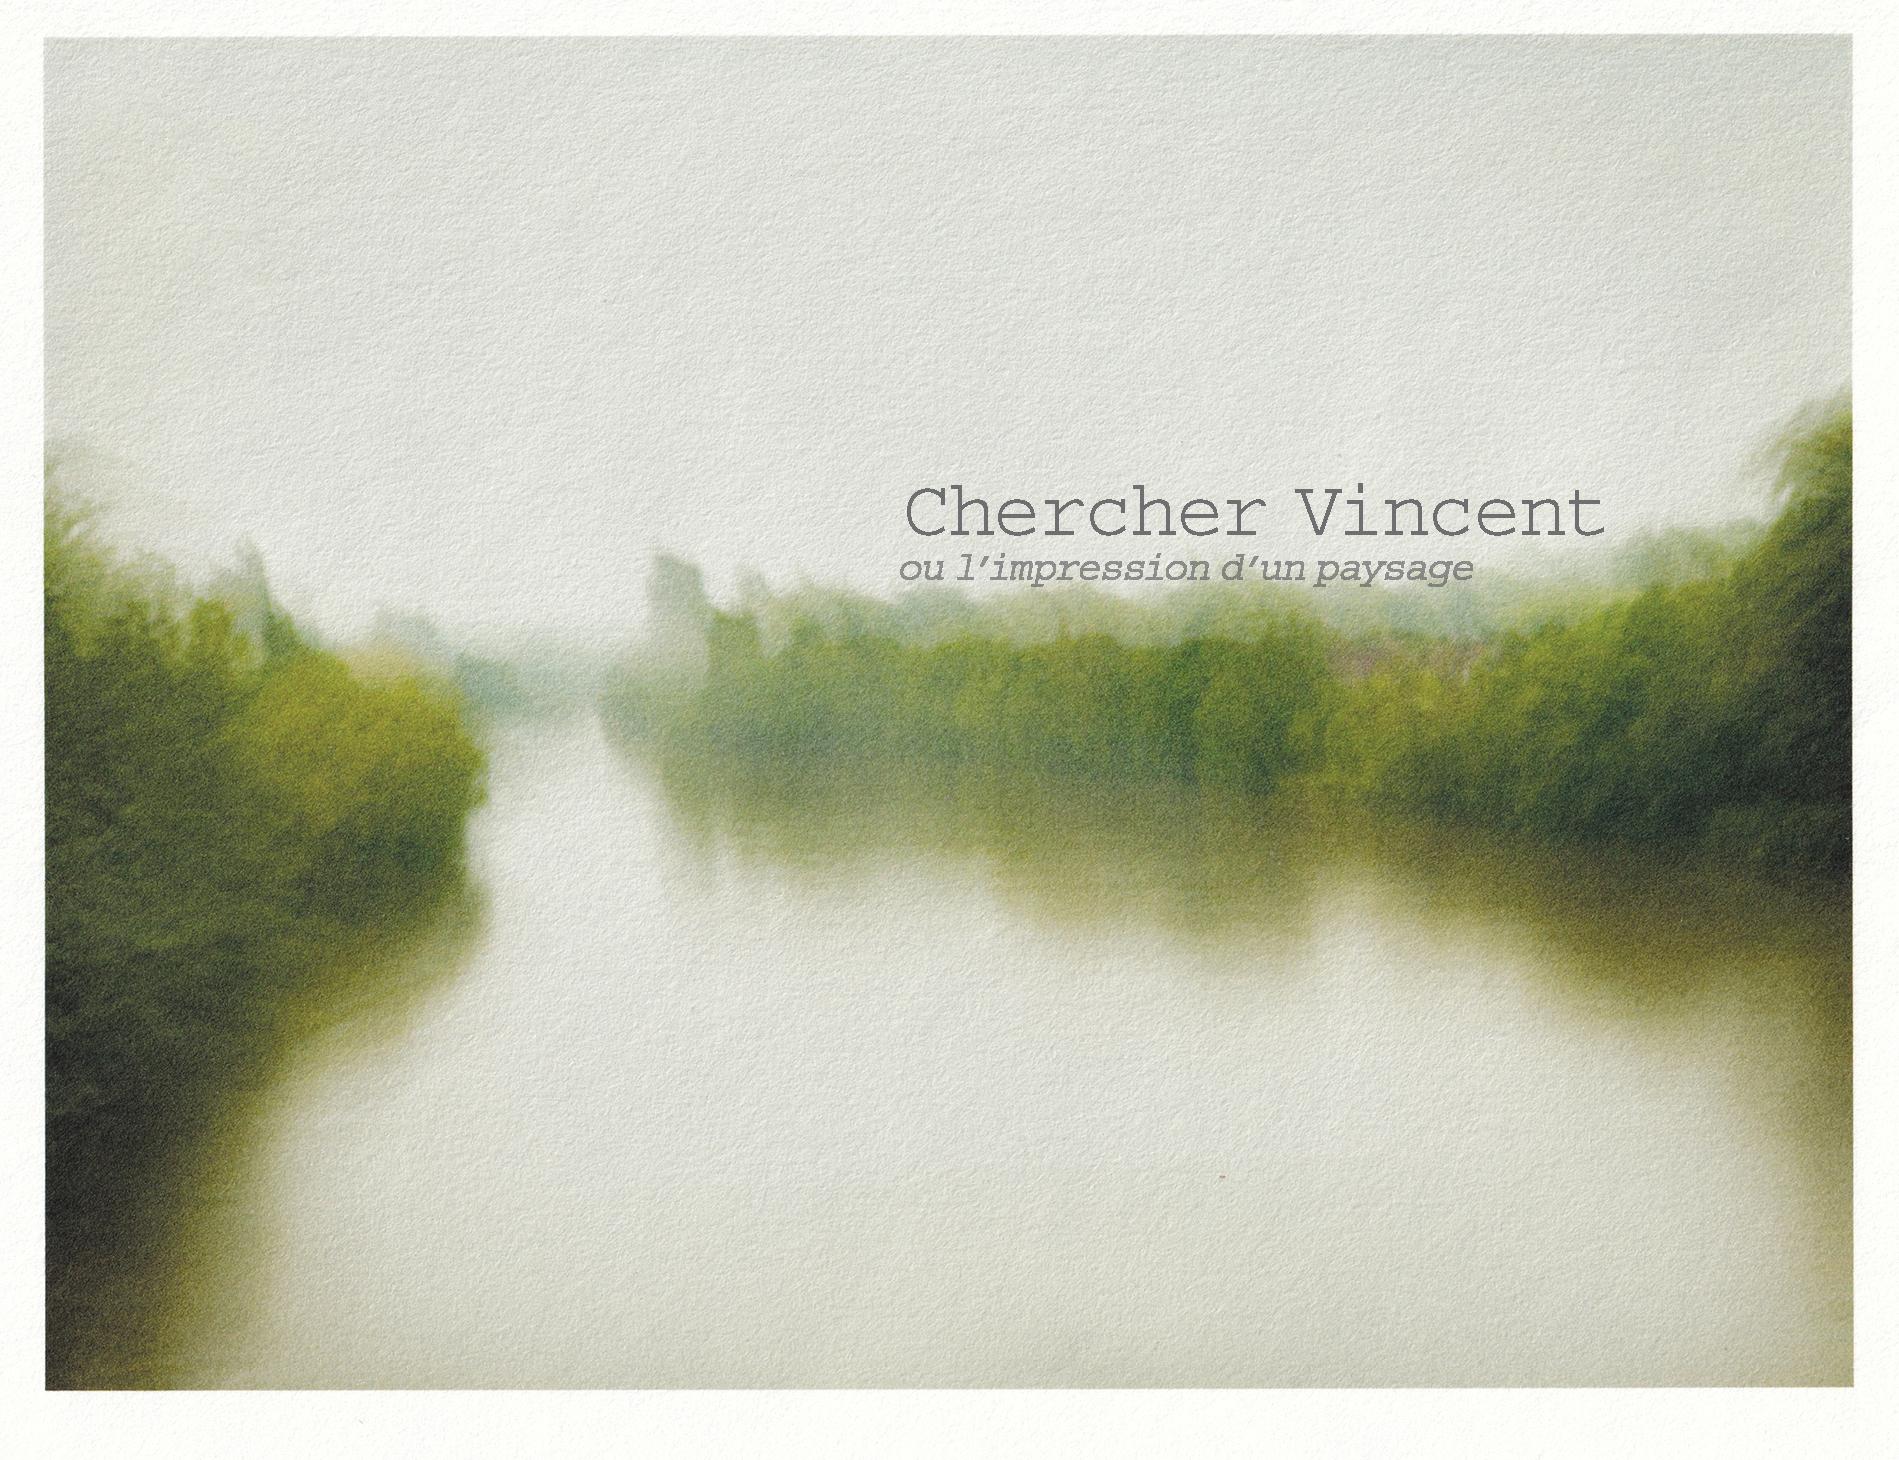 200609_ChercherVincent_exposition_bandeau